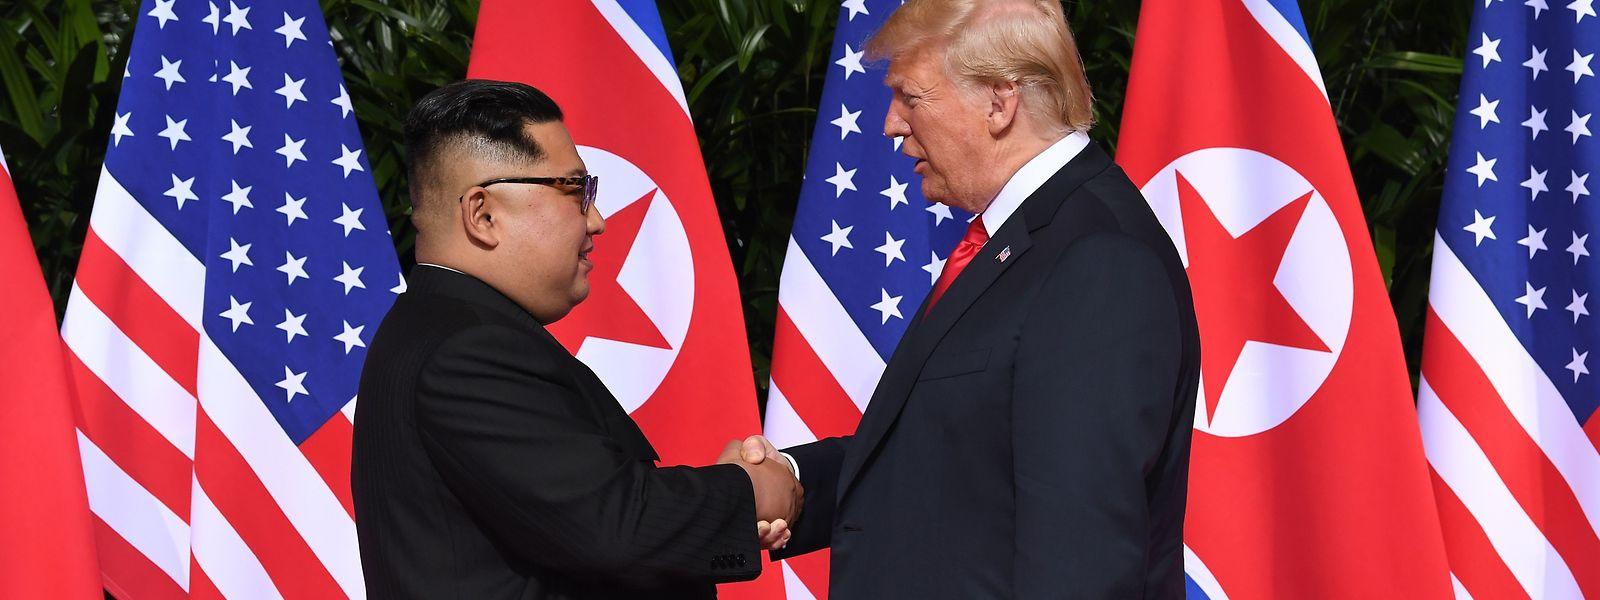 Einer der diplomatischen Erfolge des US-Präsidenten Donald Trump (rechts) ist seine Annäherung an Nordkorea, die jedoch wenig Konsequenzen mit sich brachte.